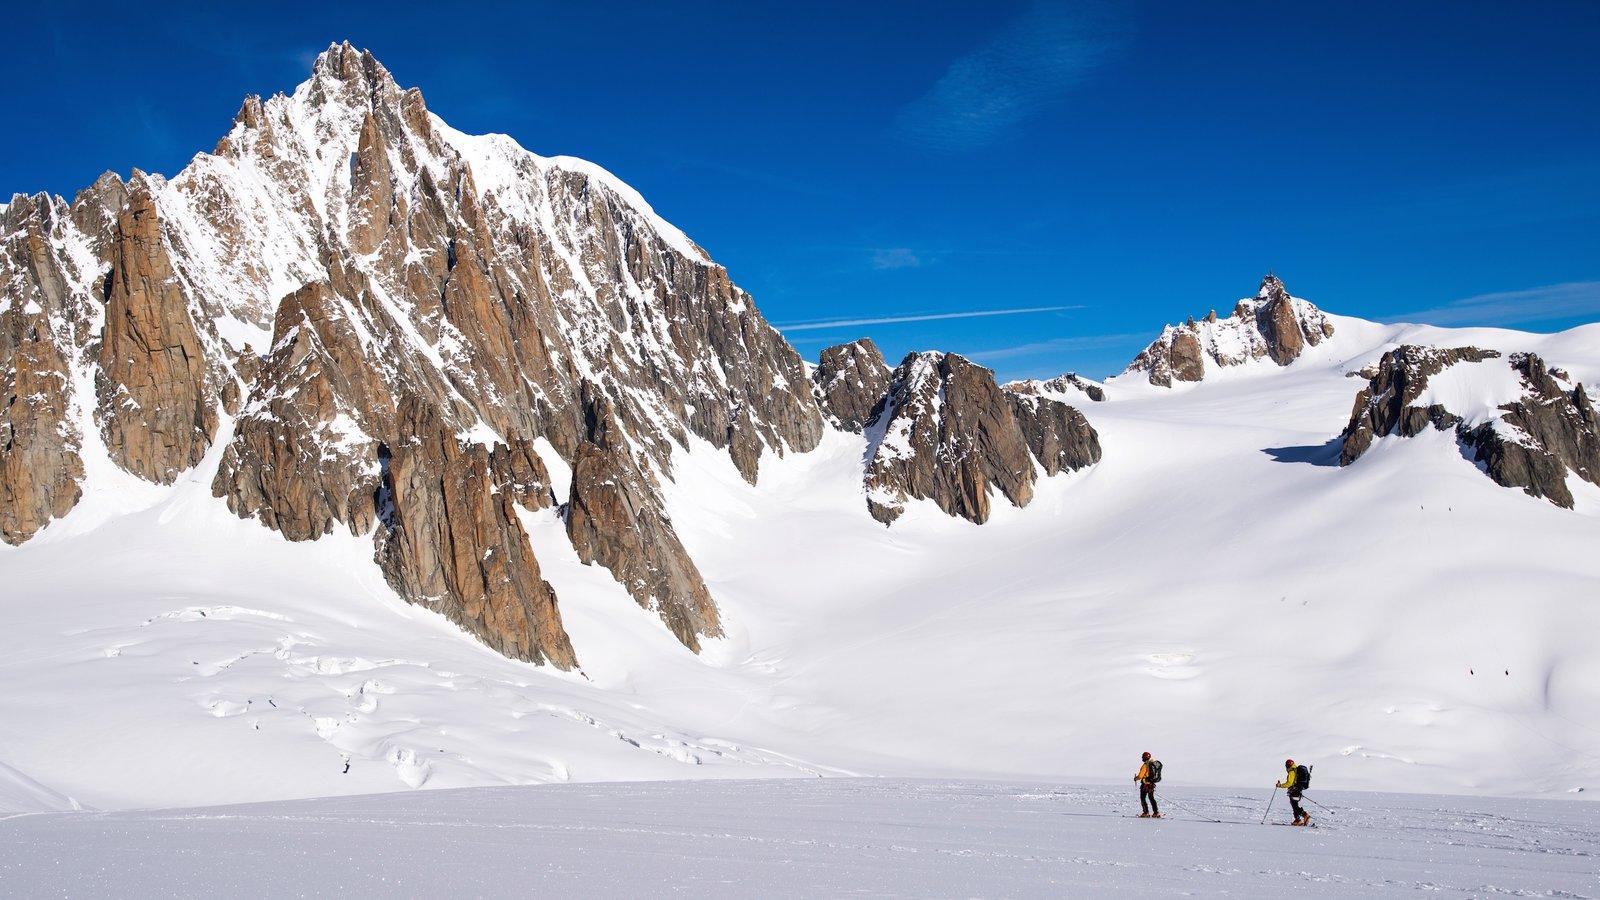 Courmayeur que incluye montañas, esquiar en la nieve y nieve